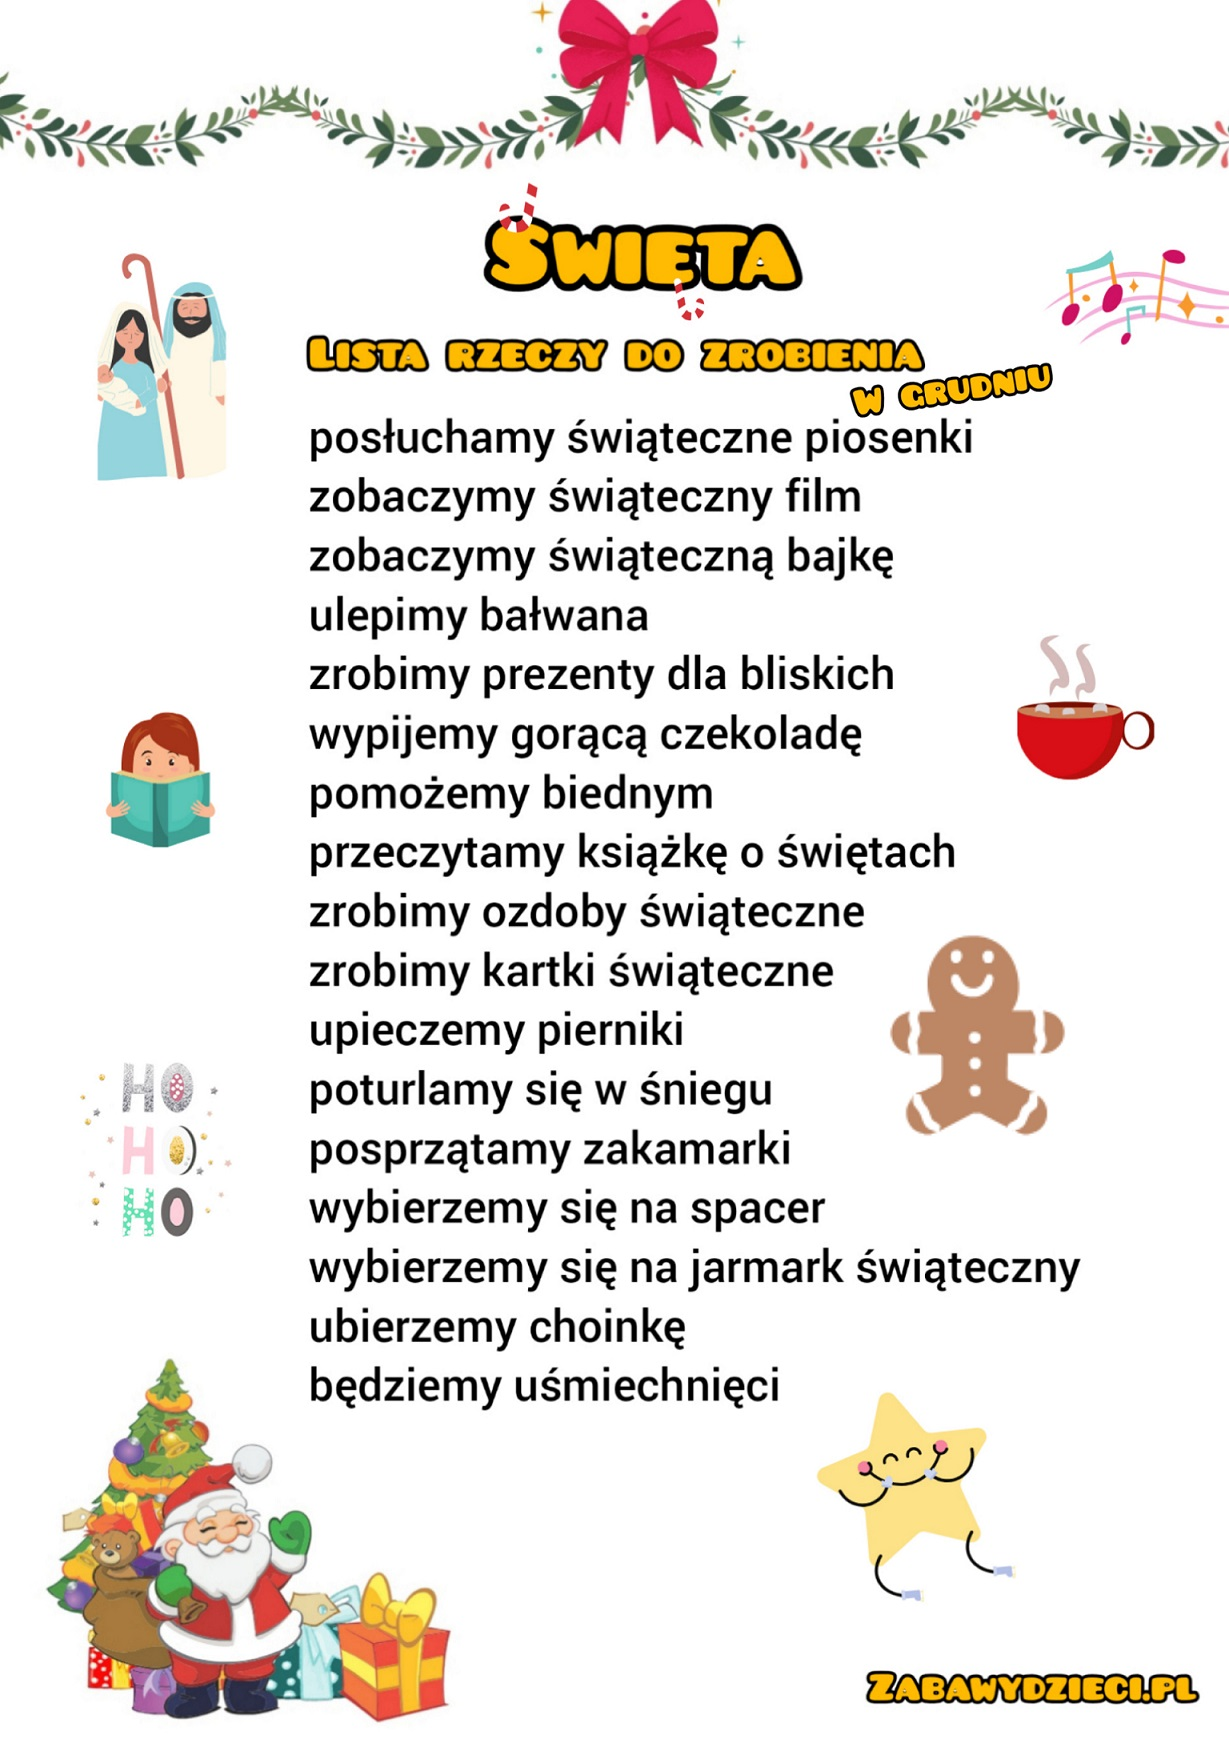 Checklista lista rzeczy do zrobienia w grudniu przed świętami dla dzieci